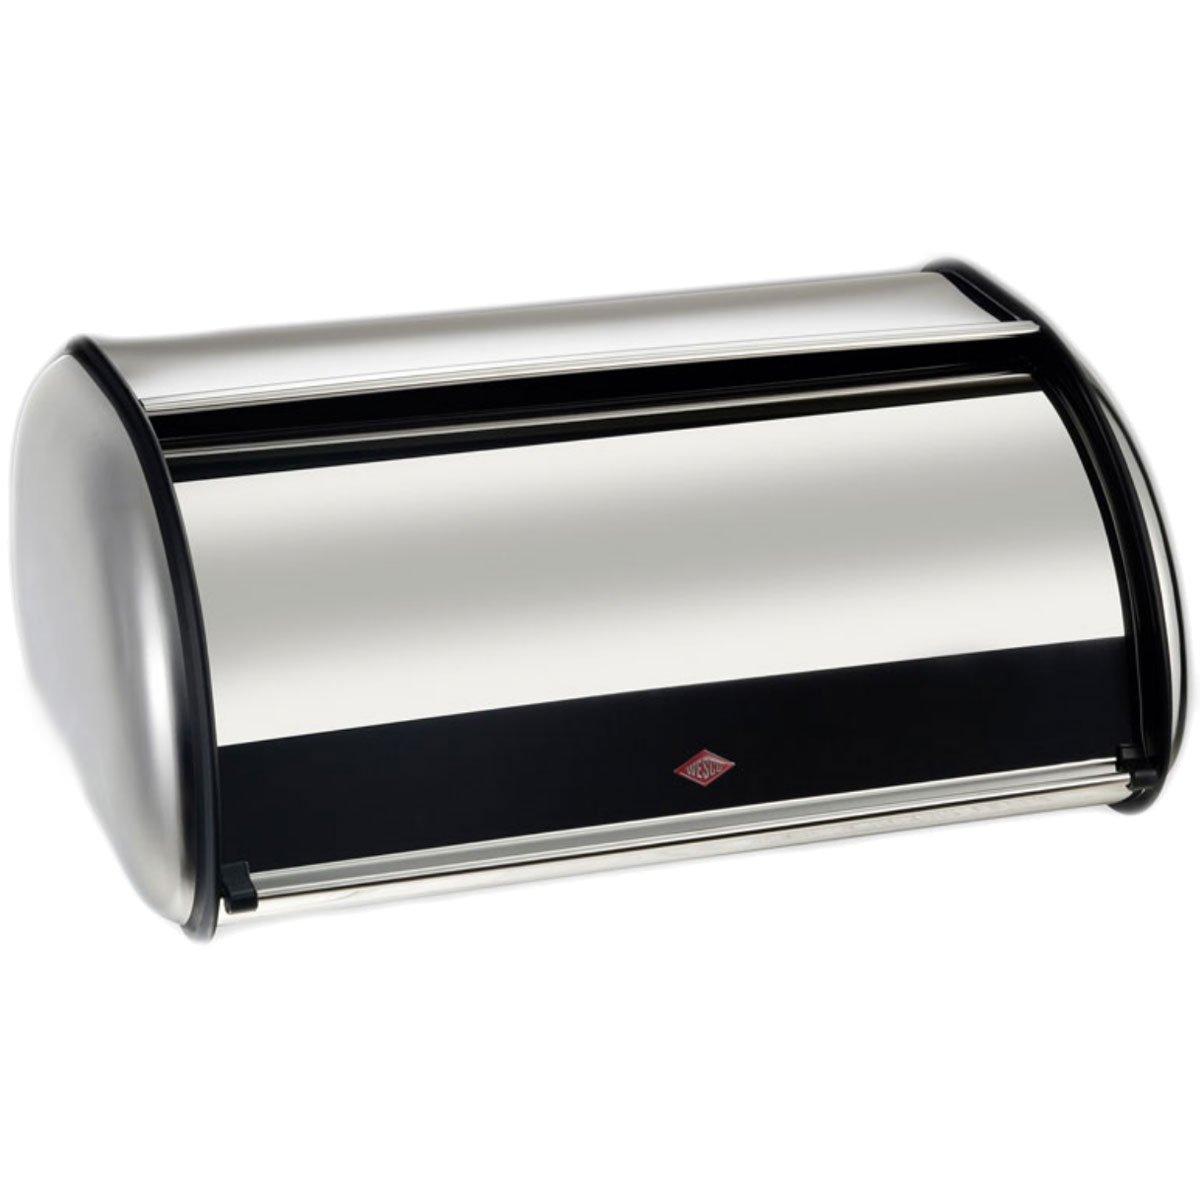 Wesco 212 104-41 Rolling Bread Bin Stainless Steel